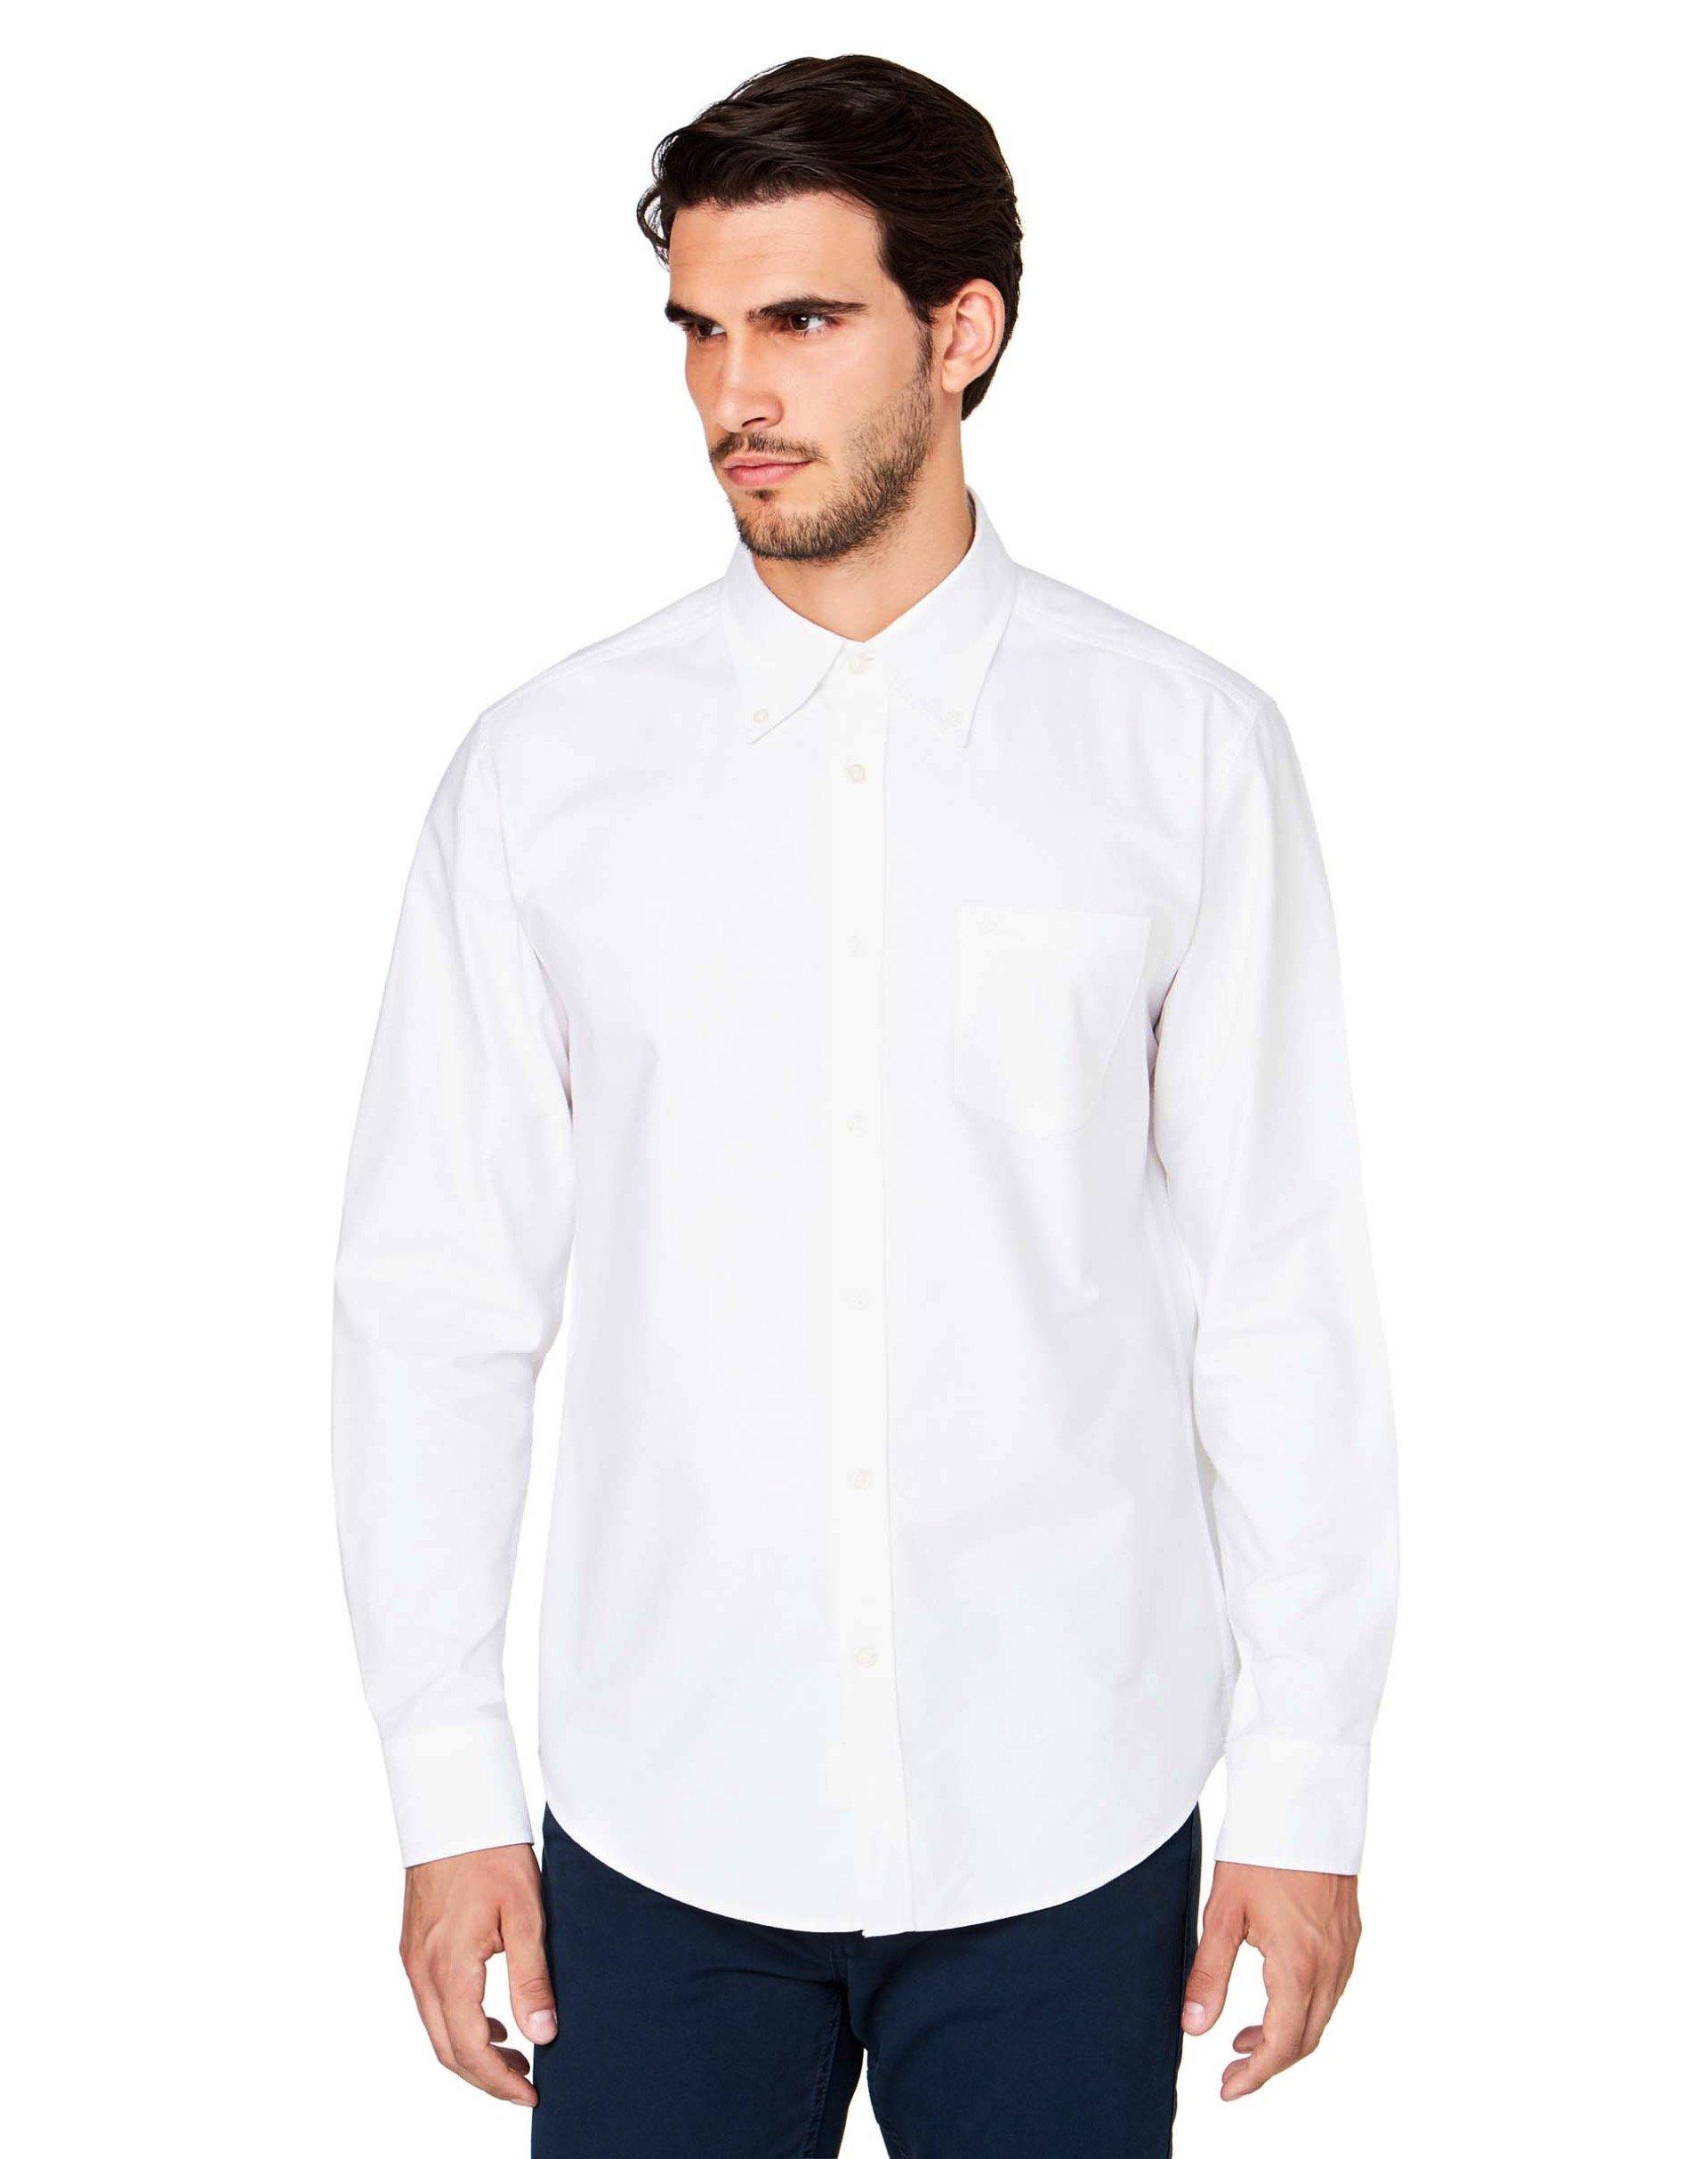 РубашкаКлассические<br>Рубашка с длинным рукавом из 100% хлопка Оксфорд, с итальянским воротничком и застежкой на пуговицы. Вышитый логотип Benetton на кармашке слева на груди, округленный низ и кокетка сзади. Посадка регулар.<br>Цвет: Белый; Размер: 2XL;